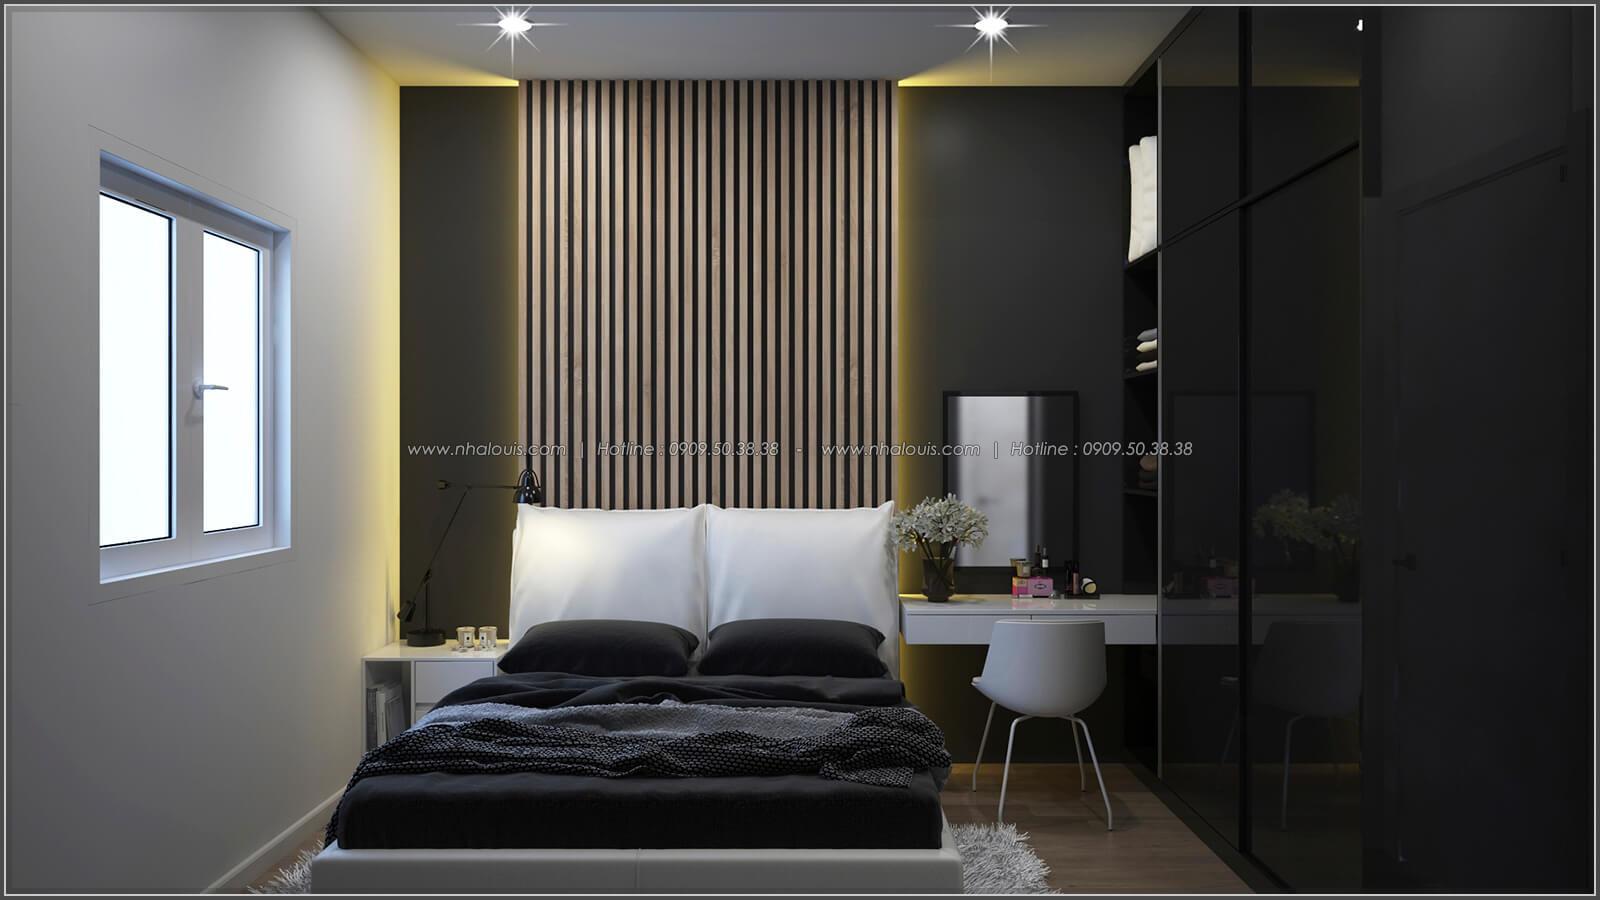 Phòng ngủ thiết kế nhà có tầng hầm của chị Lan tại Quận 1 - 15